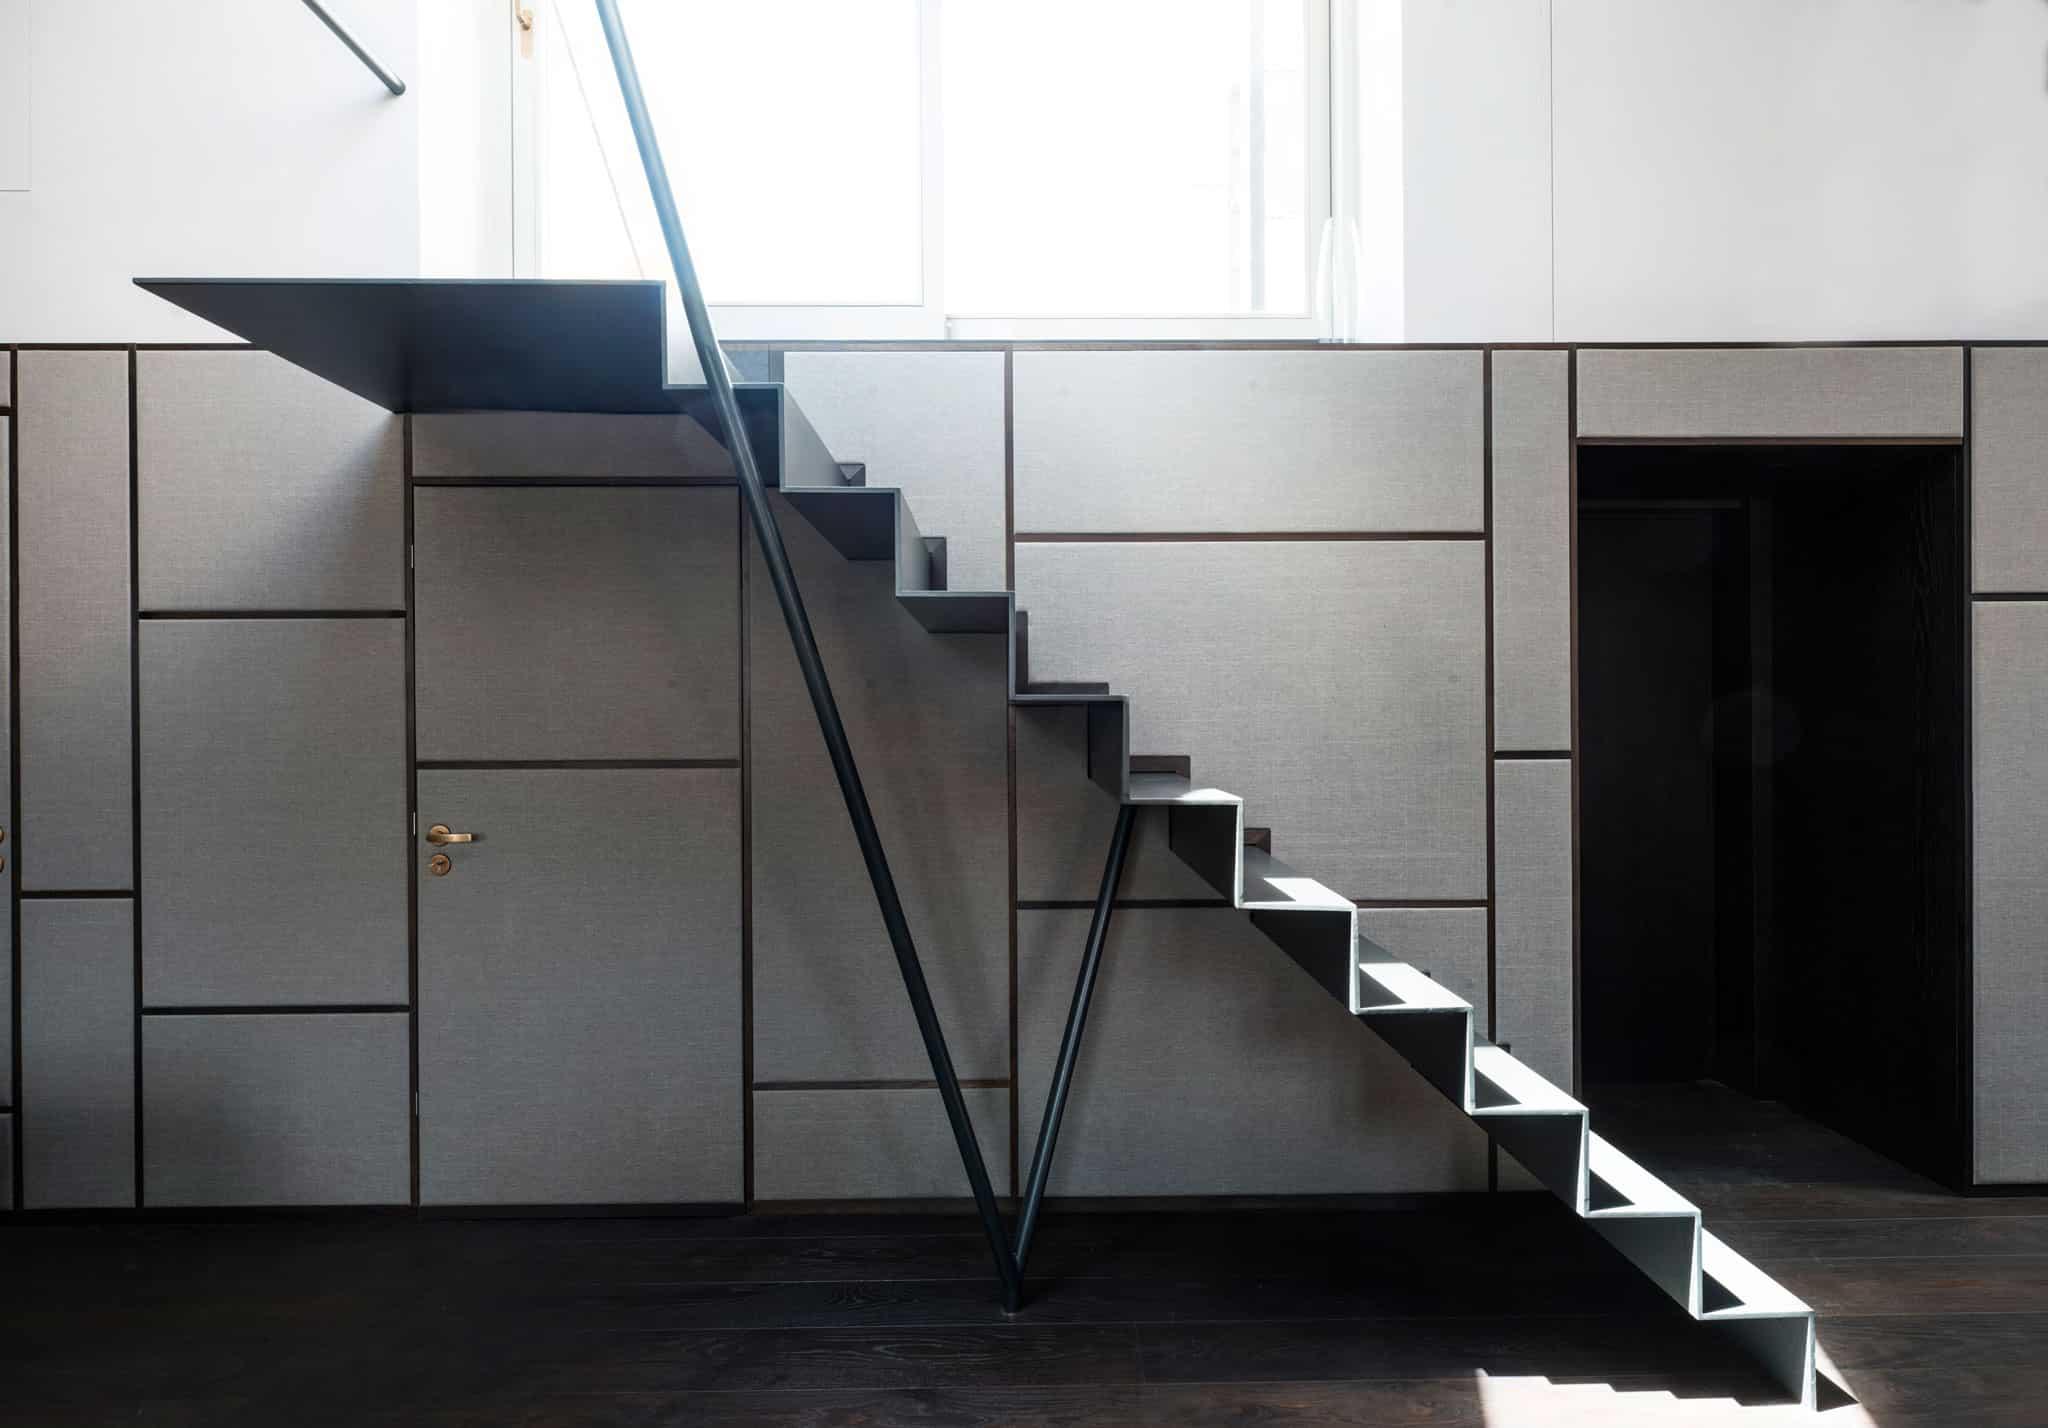 01-Loft-Wohnbereich-Stoffbespannte-Wandverkleidung-Treppe